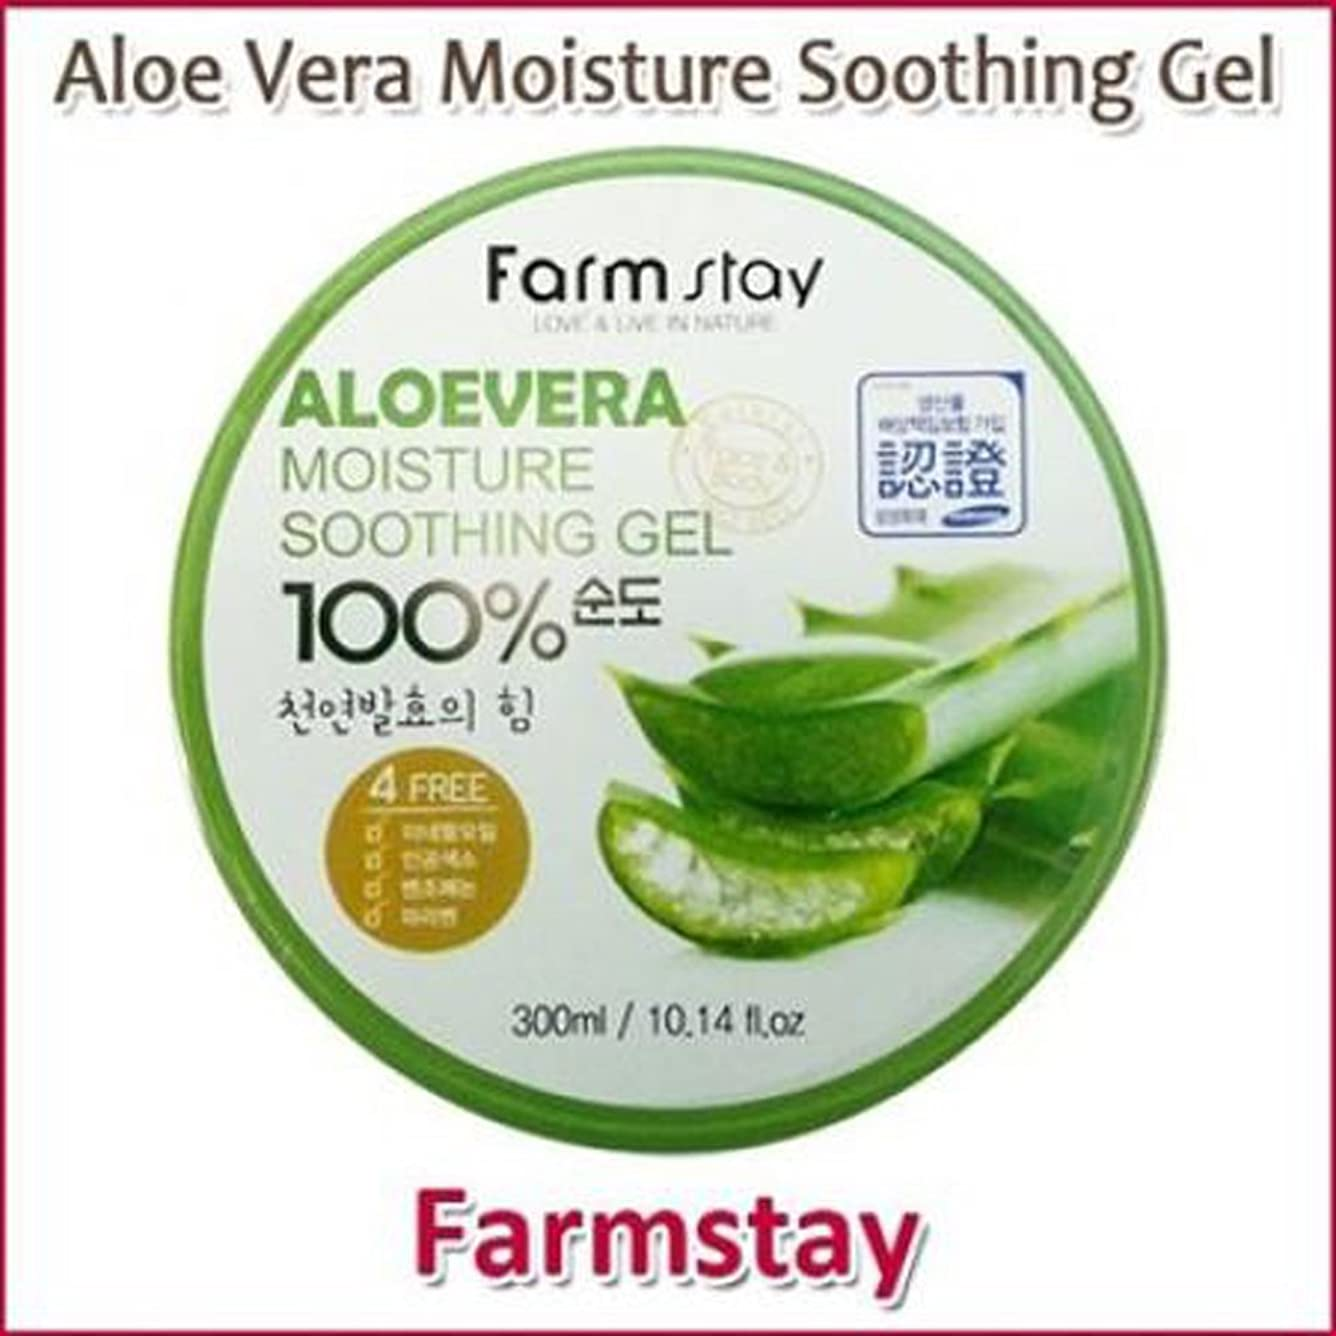 お酒開始タイピストFarm Stay Aloe Vera Moisture Soothing Gel 300ml /オーガニック アロエベラゲル 100%/保湿ケア/韓国コスメ/Aloe Vera 100% /Moisturizing [並行輸入品]